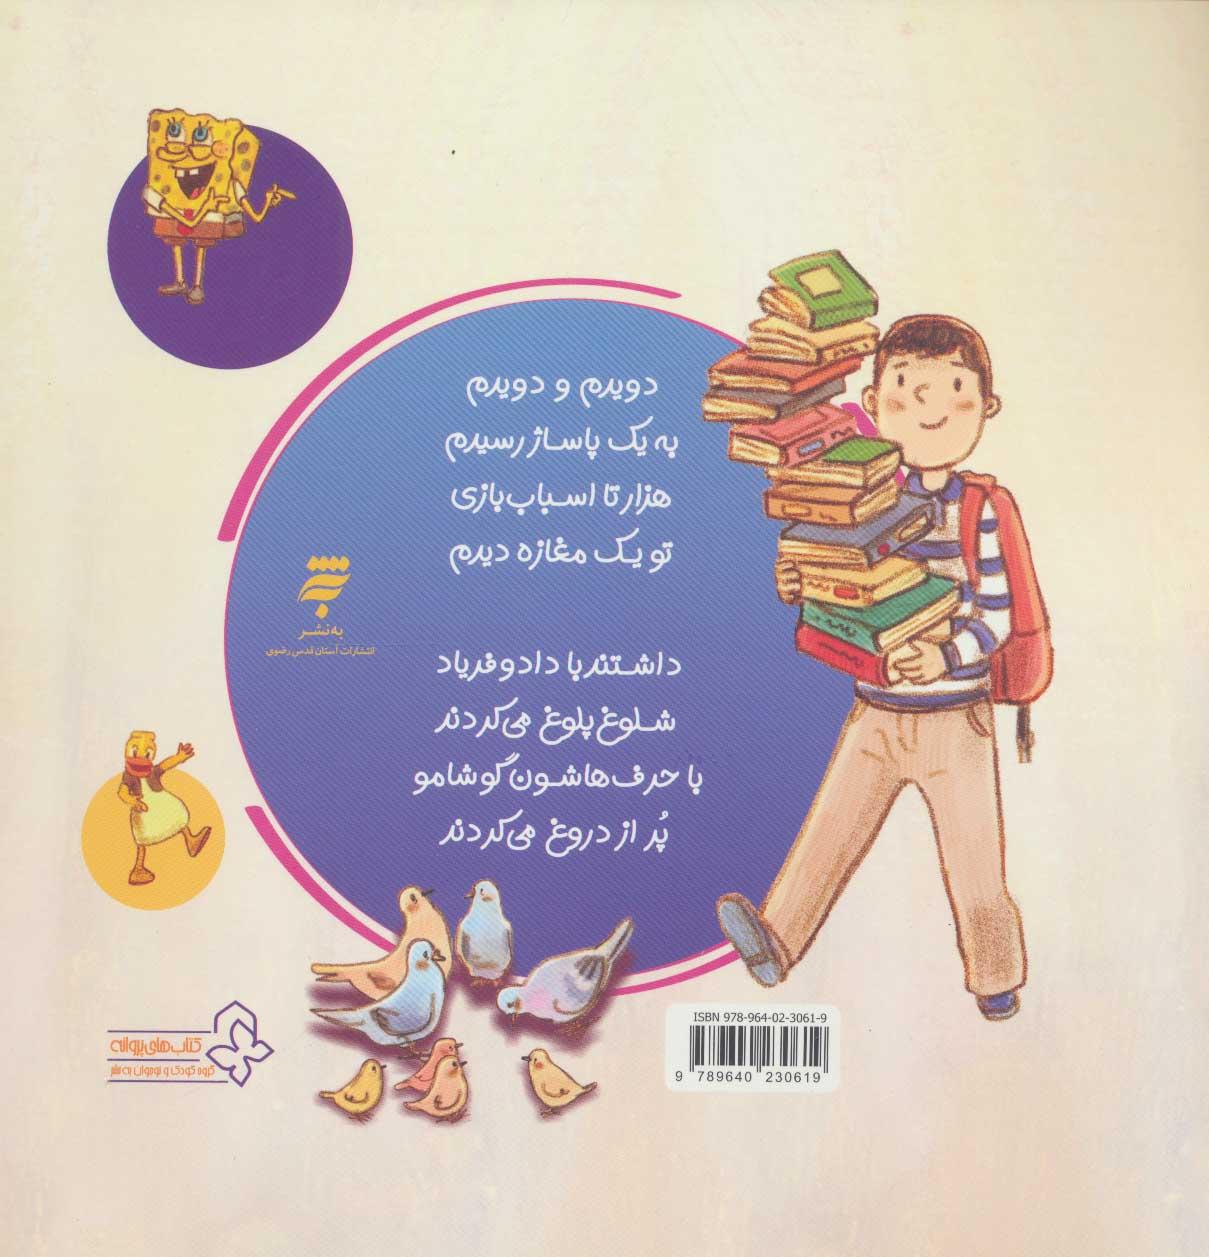 کارخونه ساخت ایران (گلاسه)